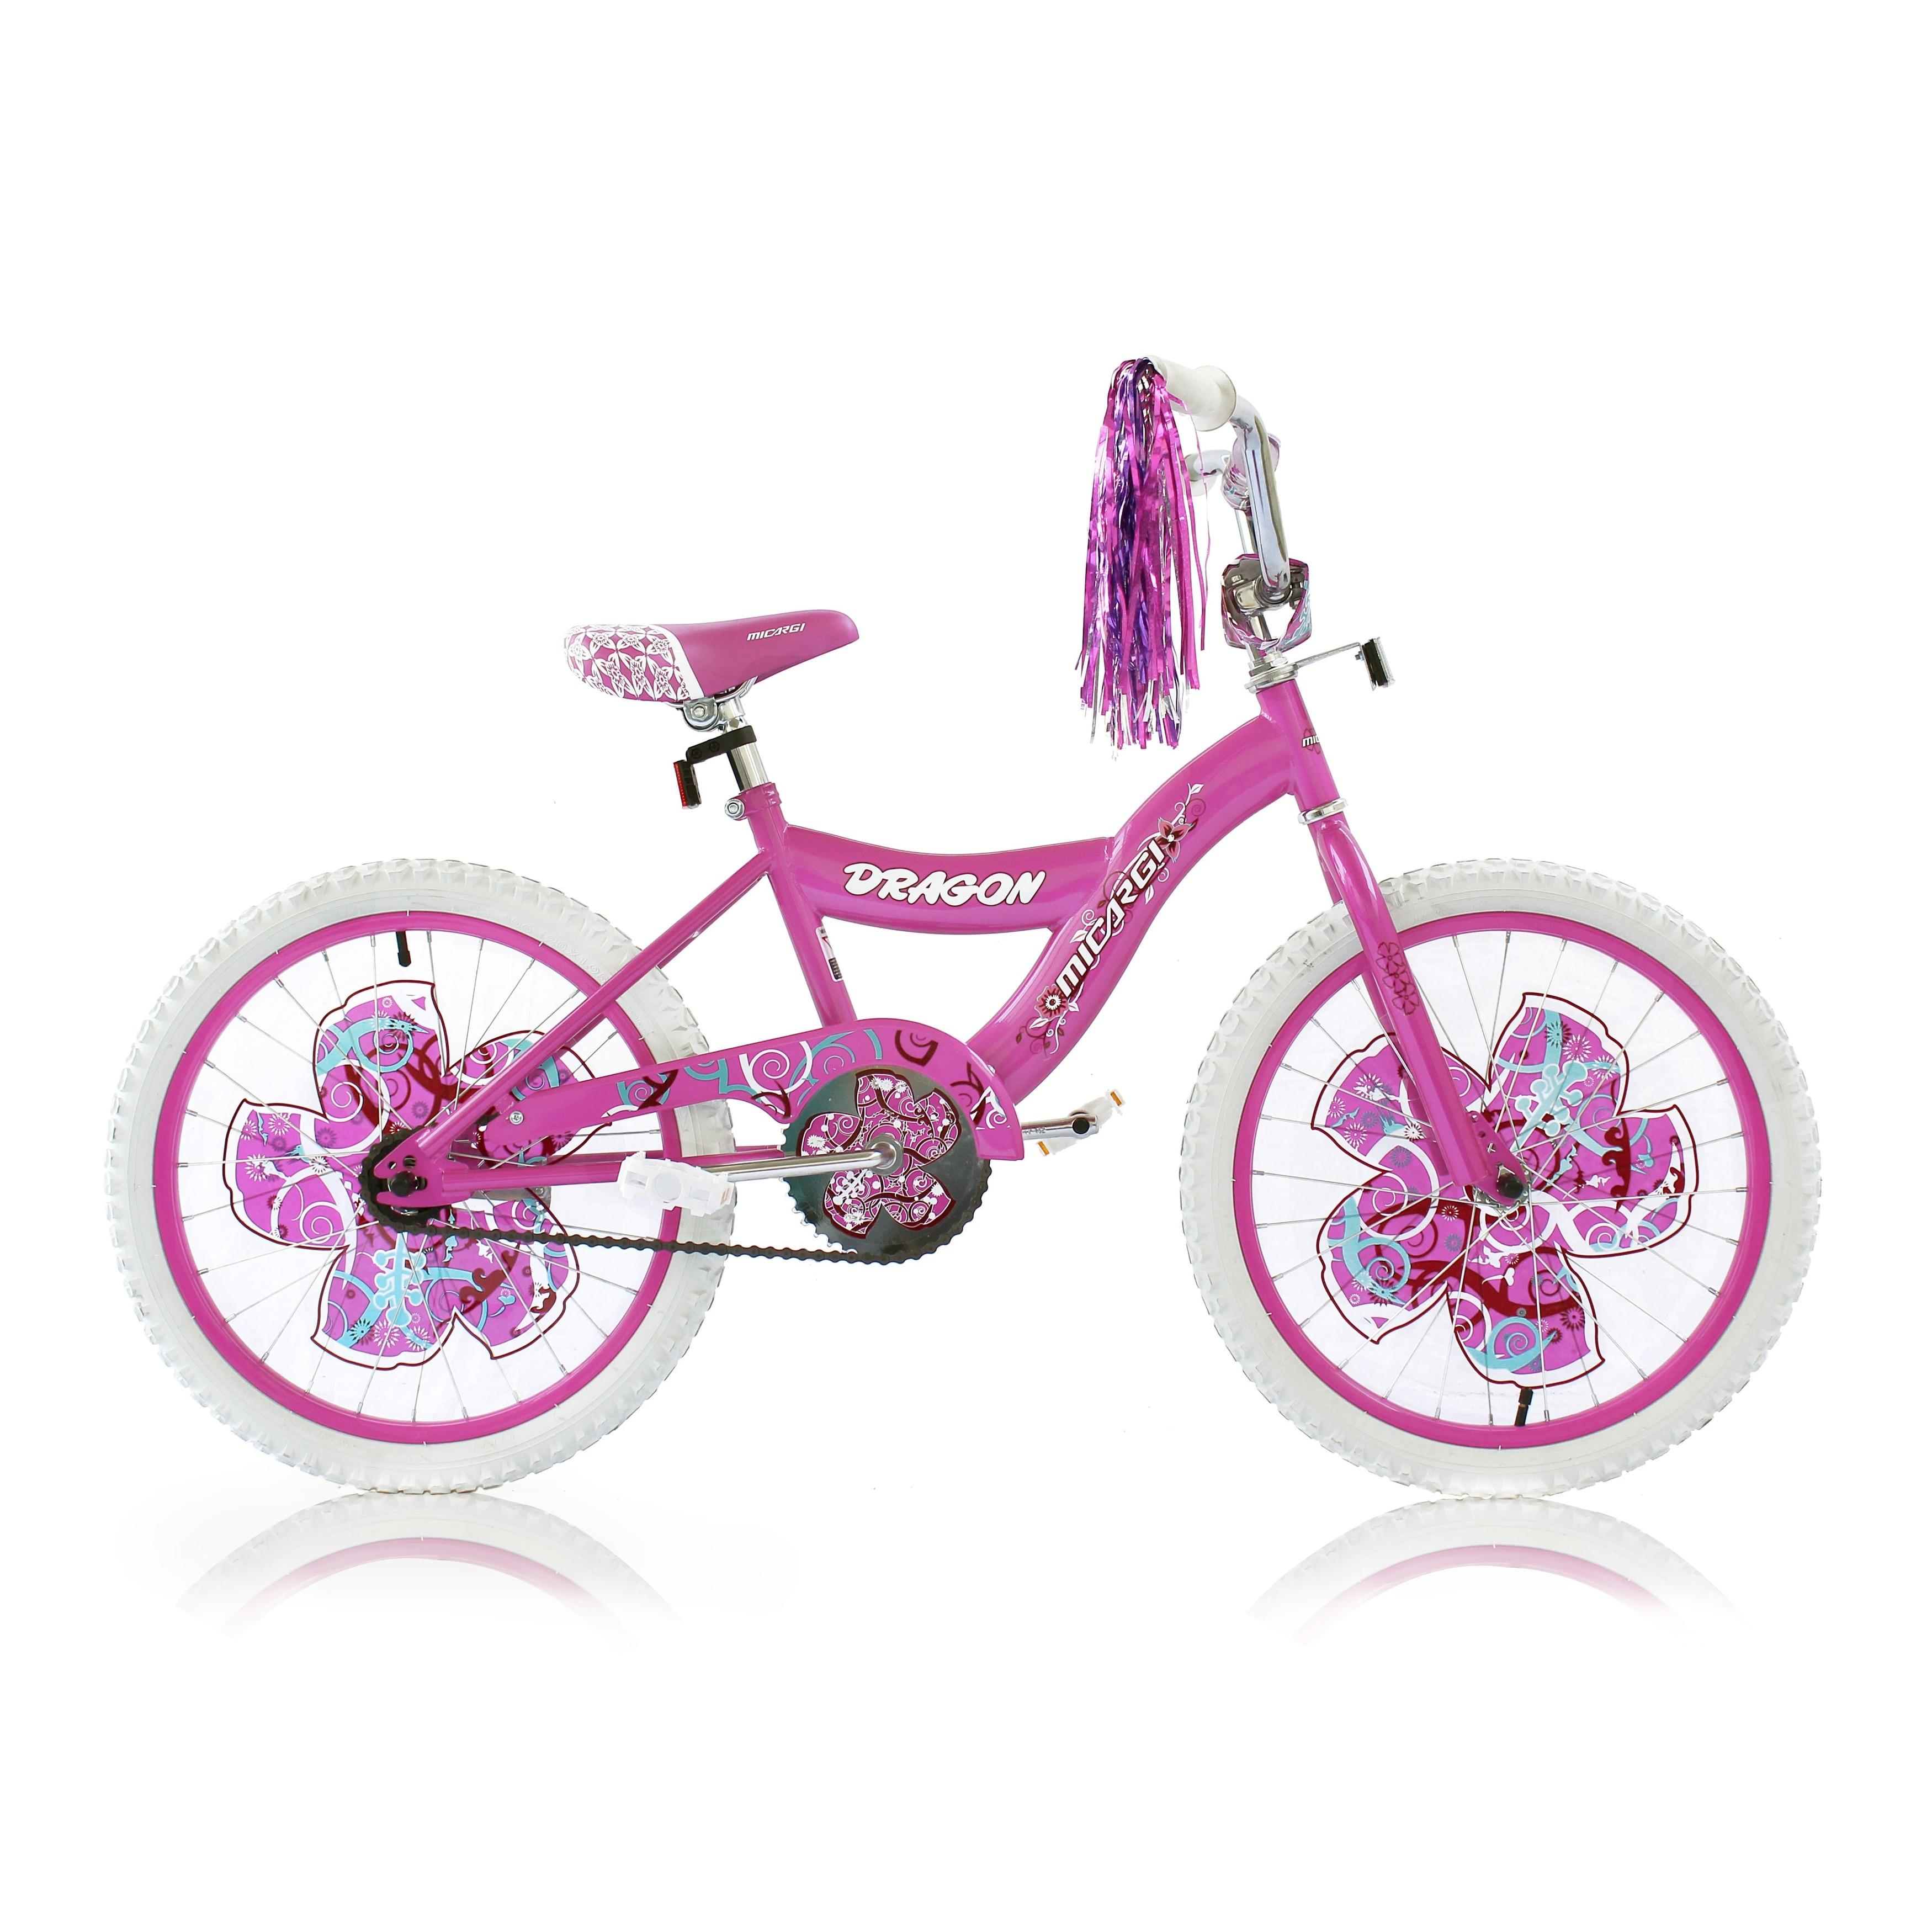 Micargi Girls Pink 20-inch BMX Bicycle Dragon (Dragon-B-P...